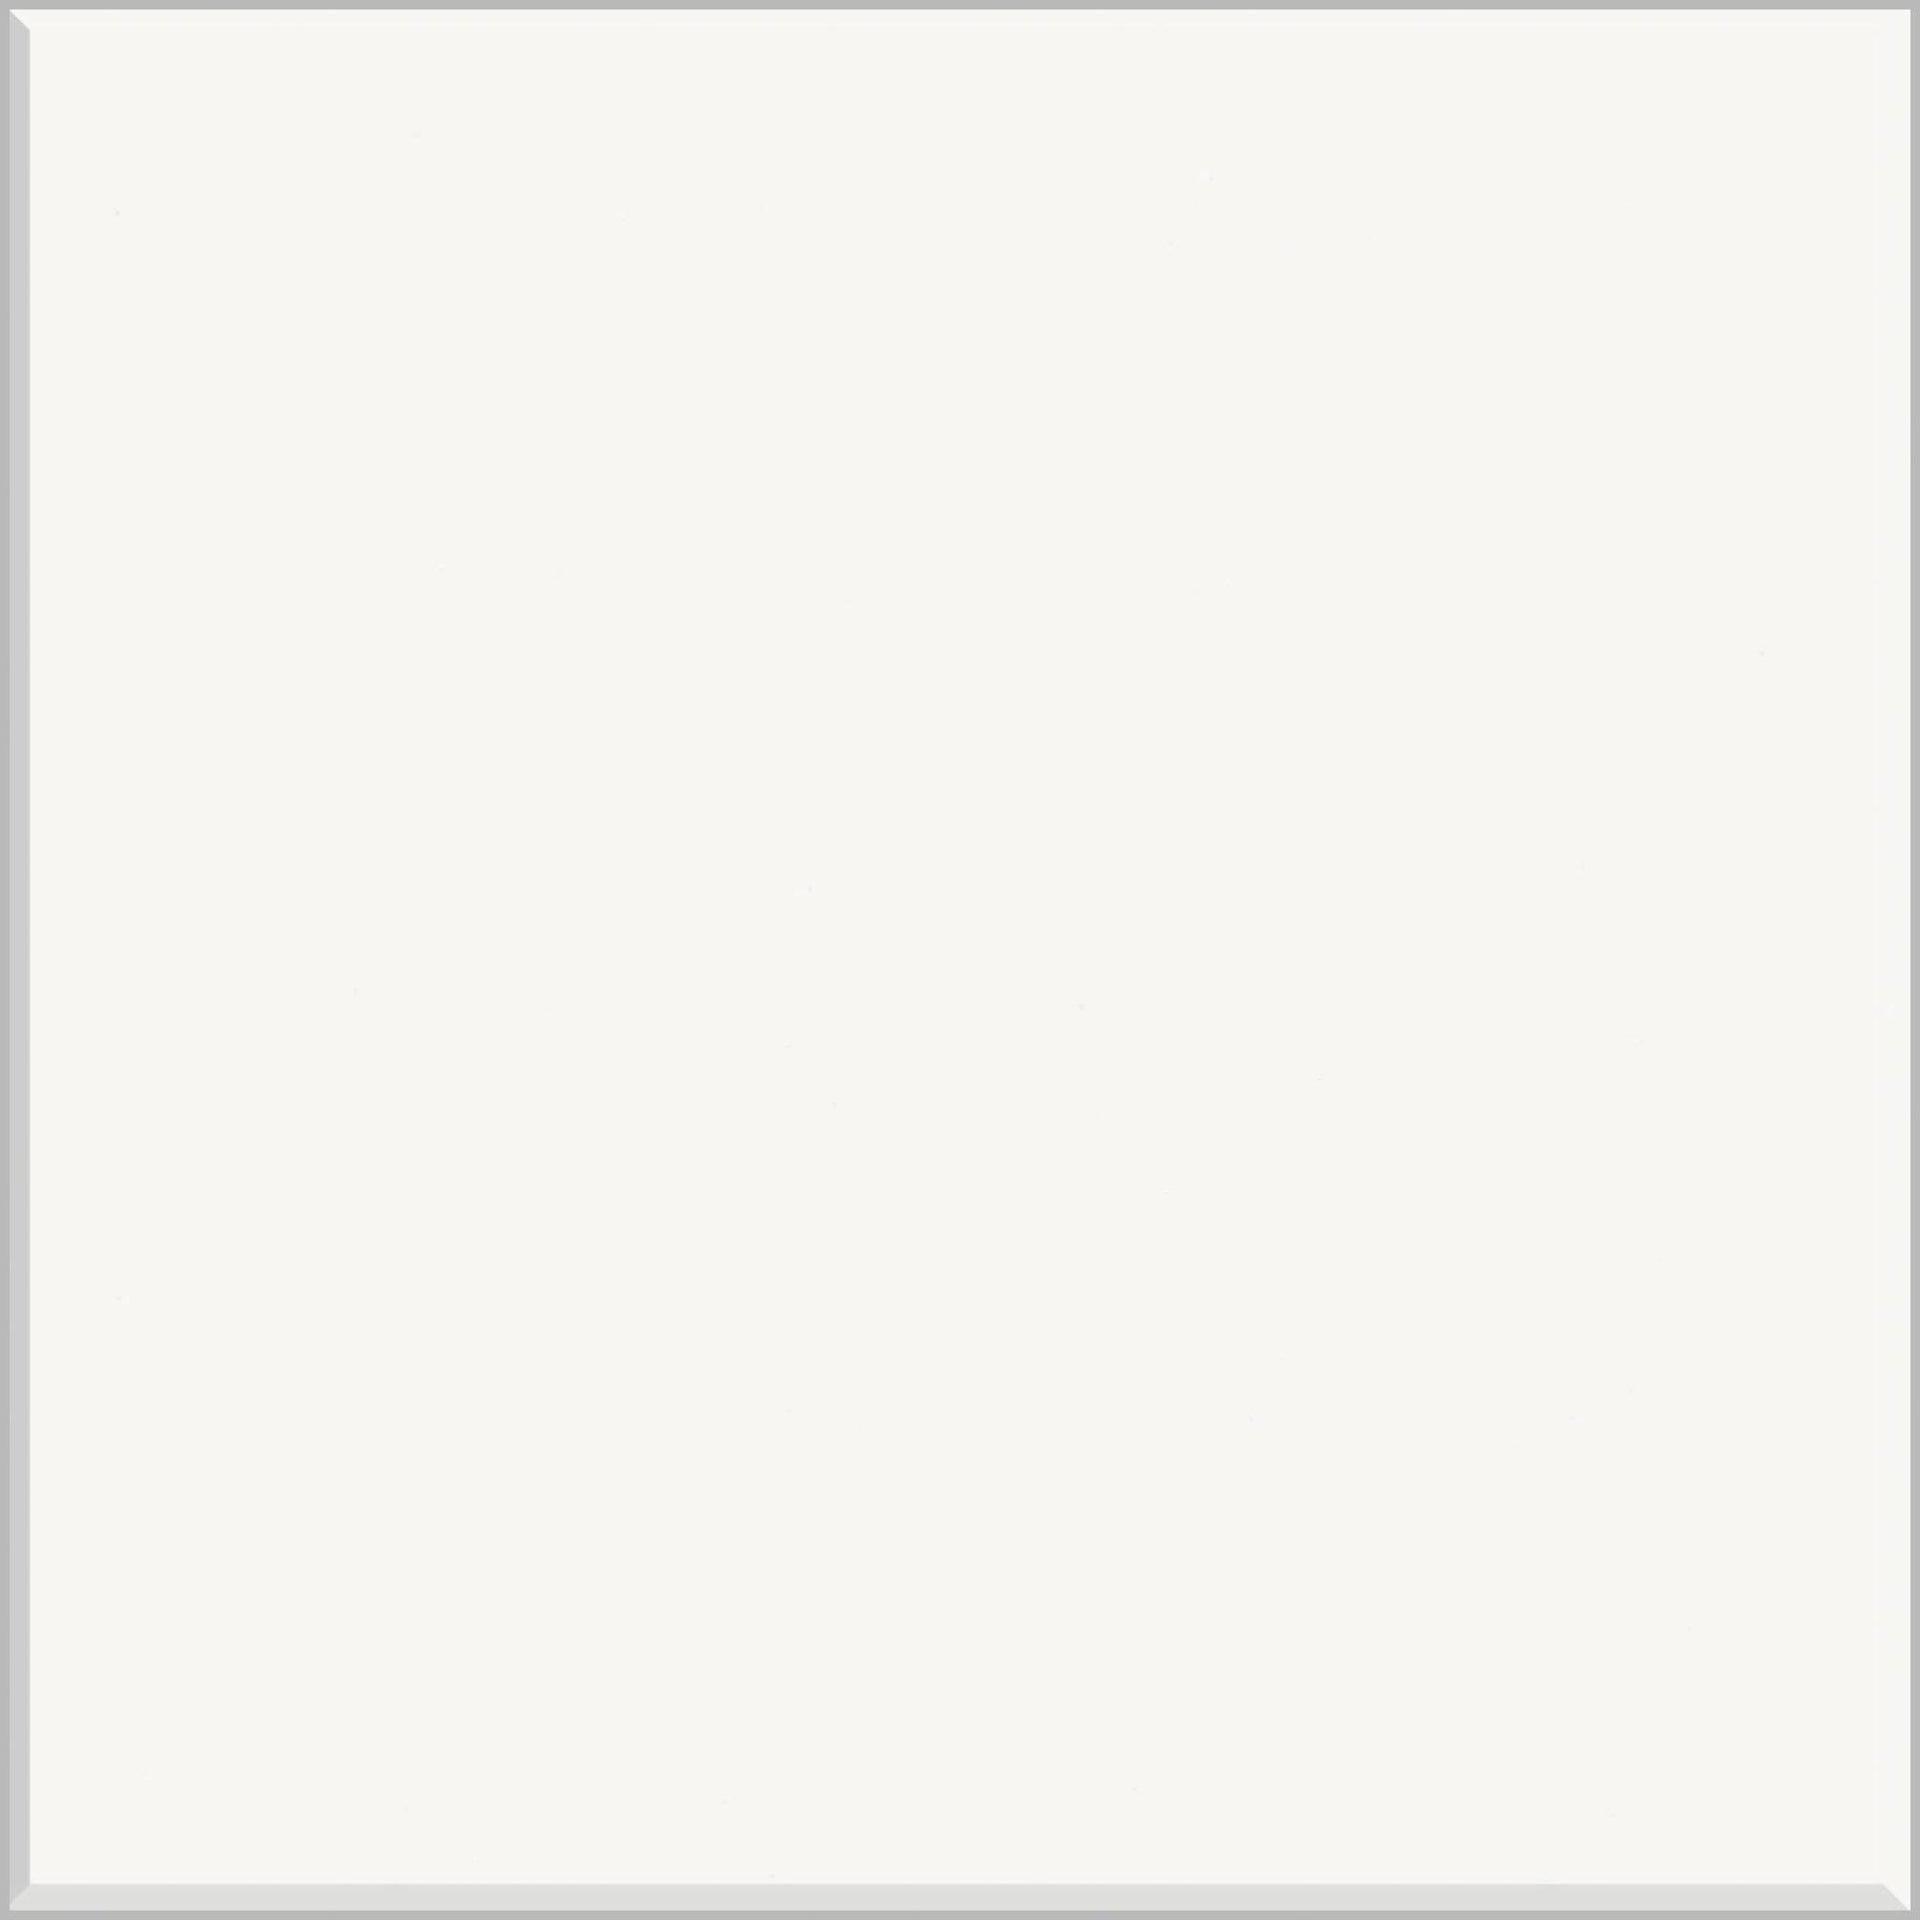 Piastrella per rivestimenti Brillant 10 x 10 cm sp. 6.5 mm bianco - 1